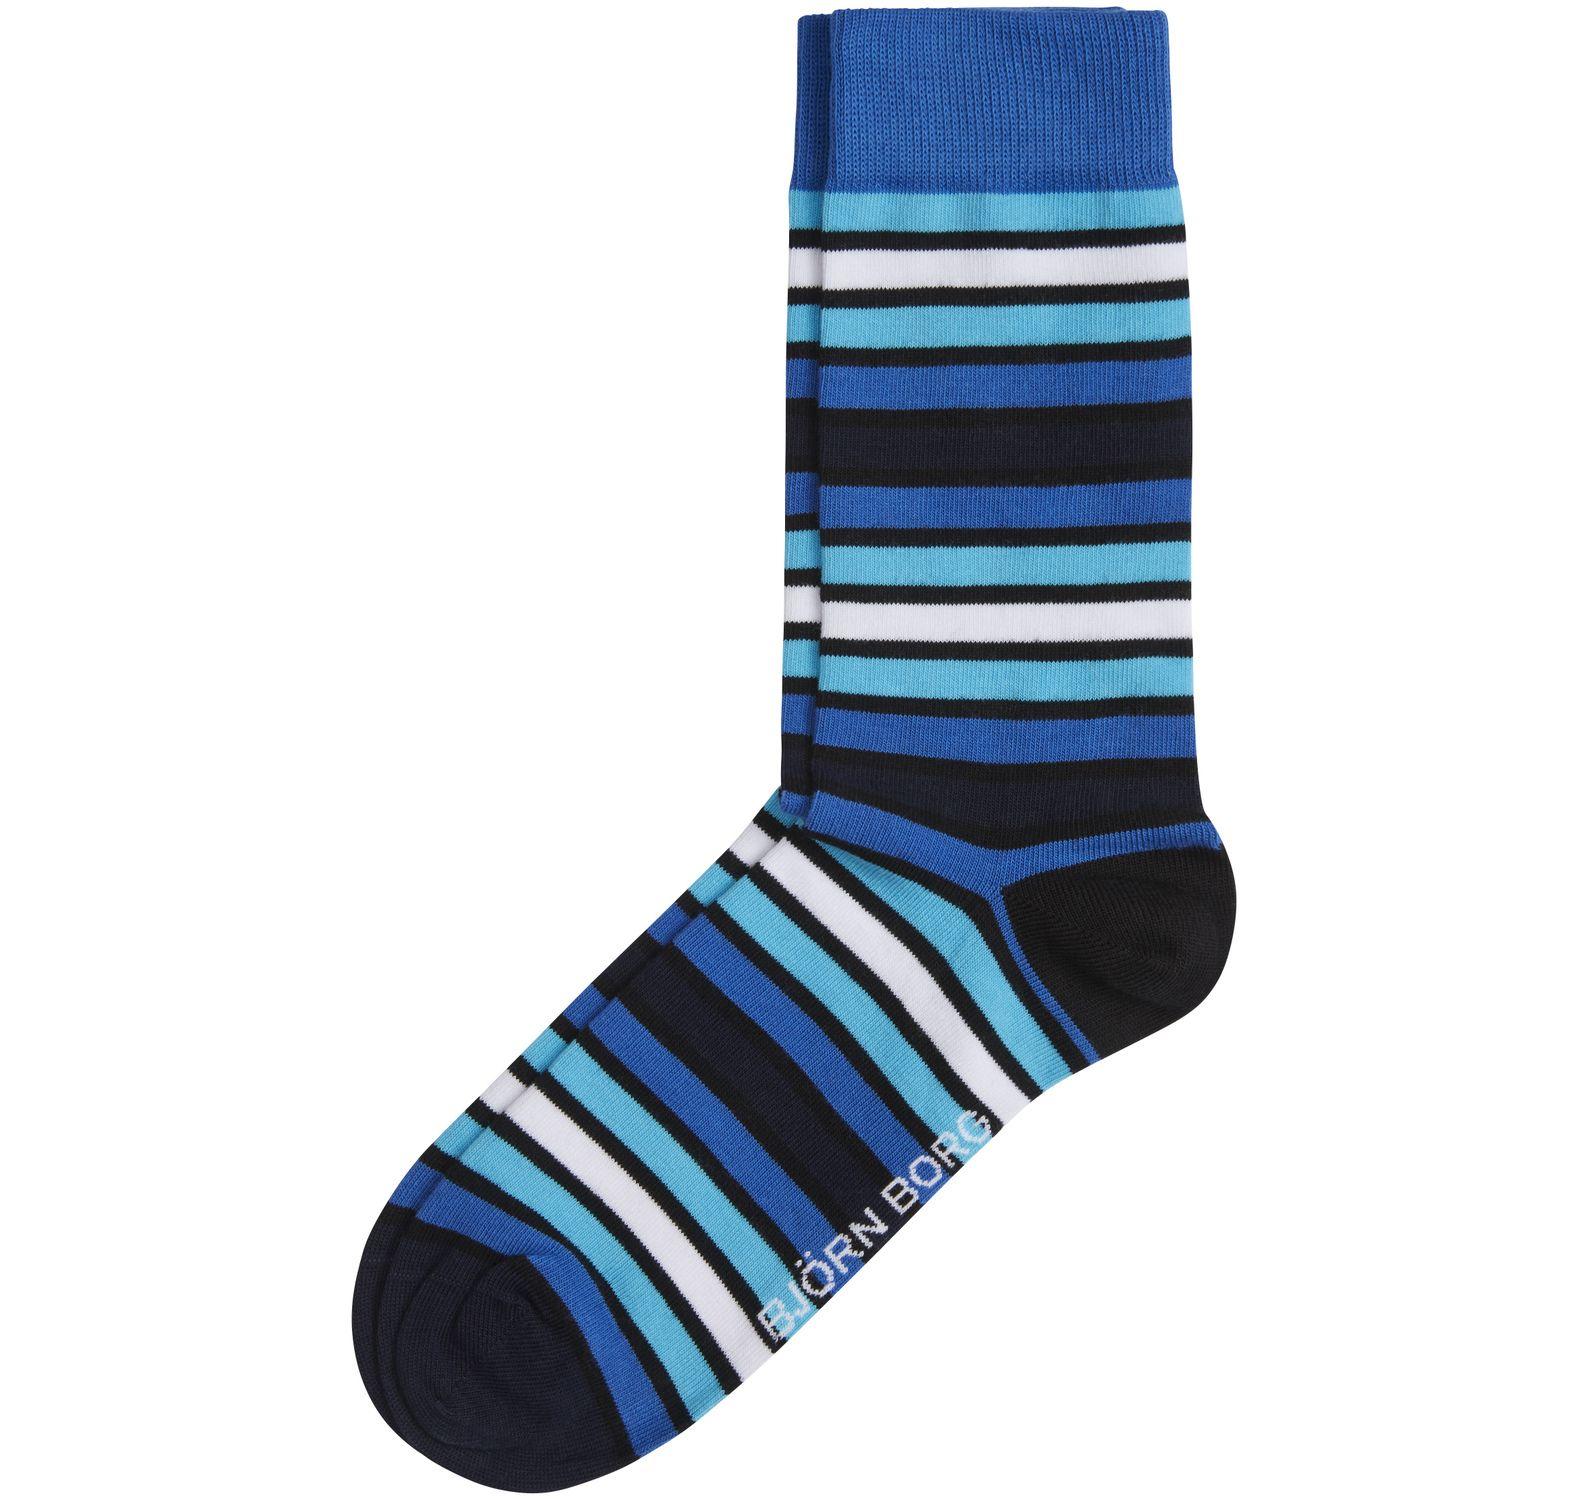 1p Sock Bb Graded Stripe, Directoire Blue, 36-40,  Björn Borg